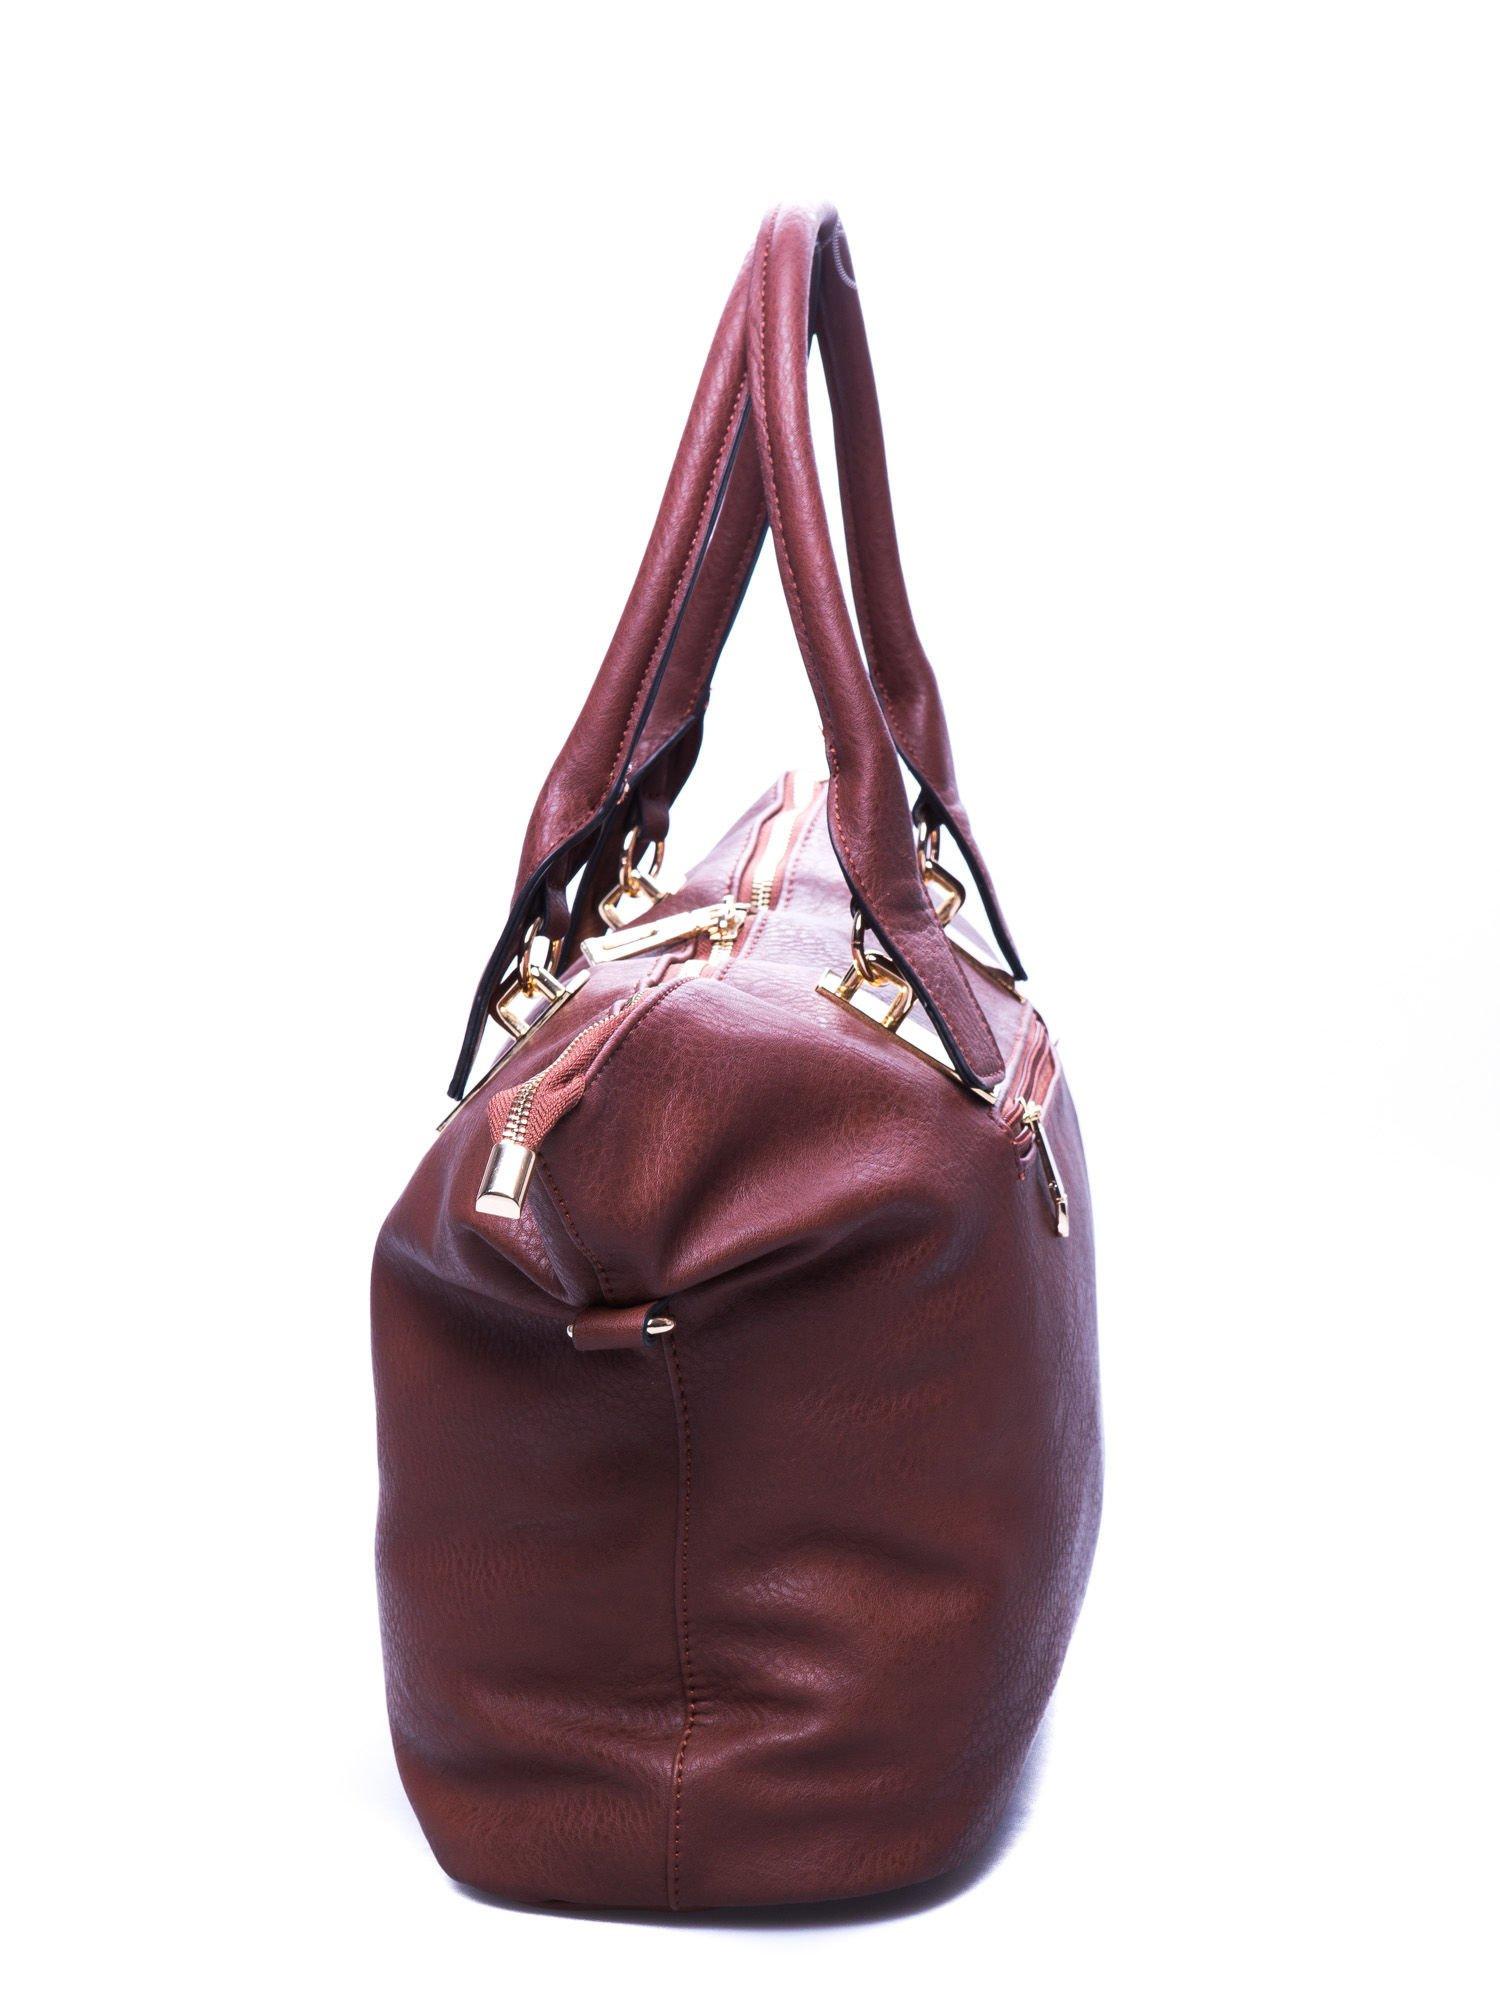 Brązowa torba shopper bag ze złotymi detalami                                  zdj.                                  2